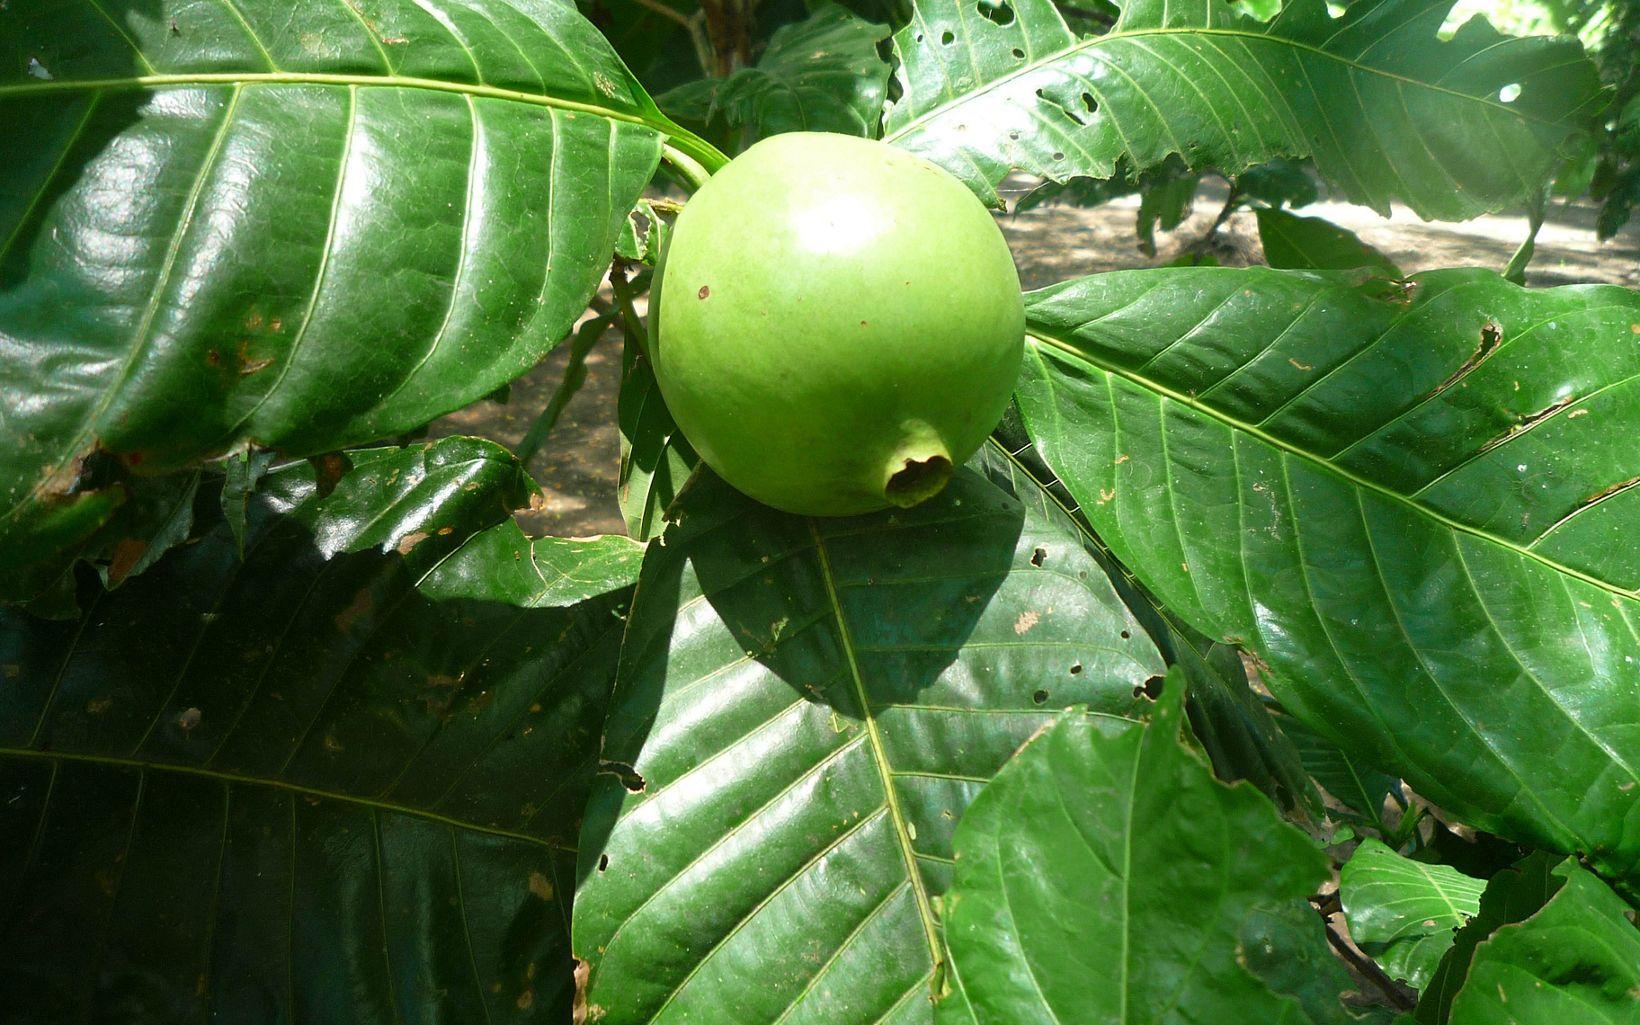 Se utiliza para preparar compotas, mermeladas, caramelos, vino, y su uso popular como afrodisíaco es bastante aceptado en Colombia.